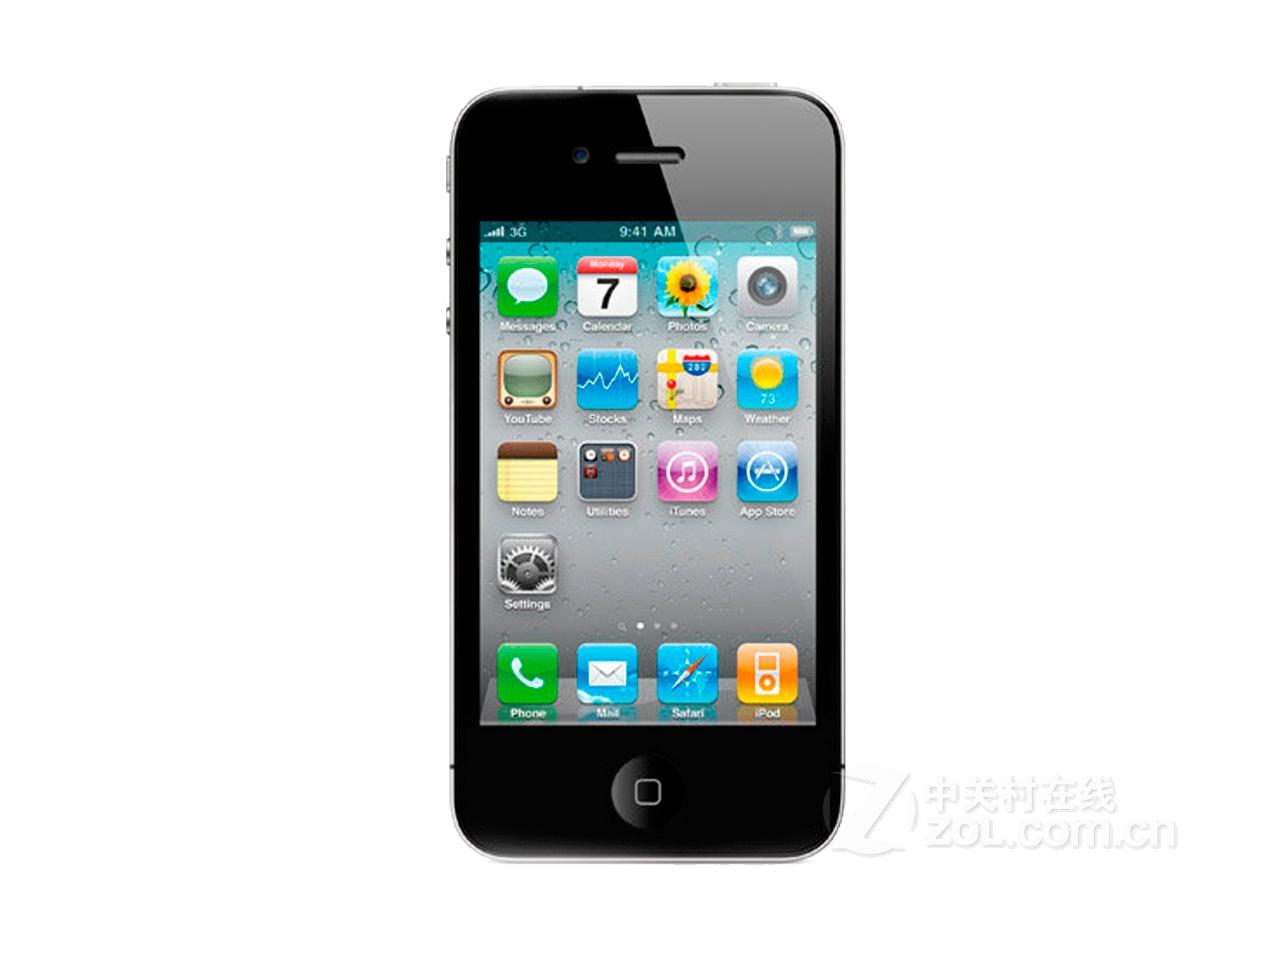 zol首页苹果手机内容苹果iphone4(32gb)手机详细图片>原始手机苹果掉进水里花屏图片